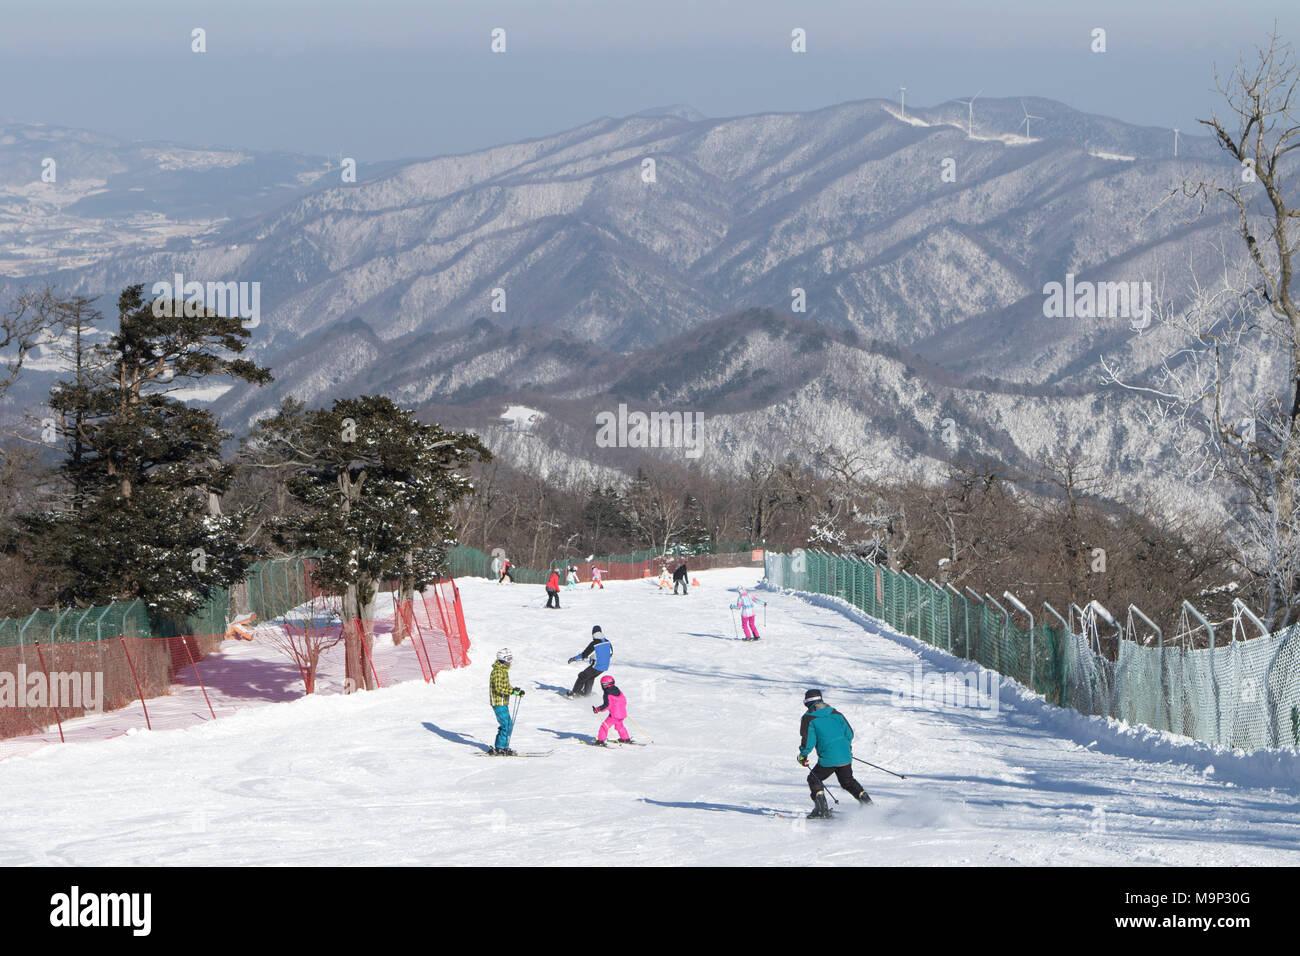 Un regard vers le bas le Rainbow Paradise fonctionner à Yongpyong resort, qui est la descente olympique pour les Jeux d'hiver de 2018. Yongpyong (Dragon Valley) Ski Resort est une station de ski en Corée du Sud, situé dans la région de Daegwallyeong-myeon, Pyeongchang, Gangwon-do. C'est la plus grande station de ski et snowboard en Corée. Technique de Yongpyong accueillera les épreuves de ski alpin pour les Jeux olympiques et paralympiques d'hiver de 2018 à Pyeongchang. Certaines scènes de la Korean Broadcasting System 2002 drama Winter Sonata ont été tournées dans la station. Photo Stock